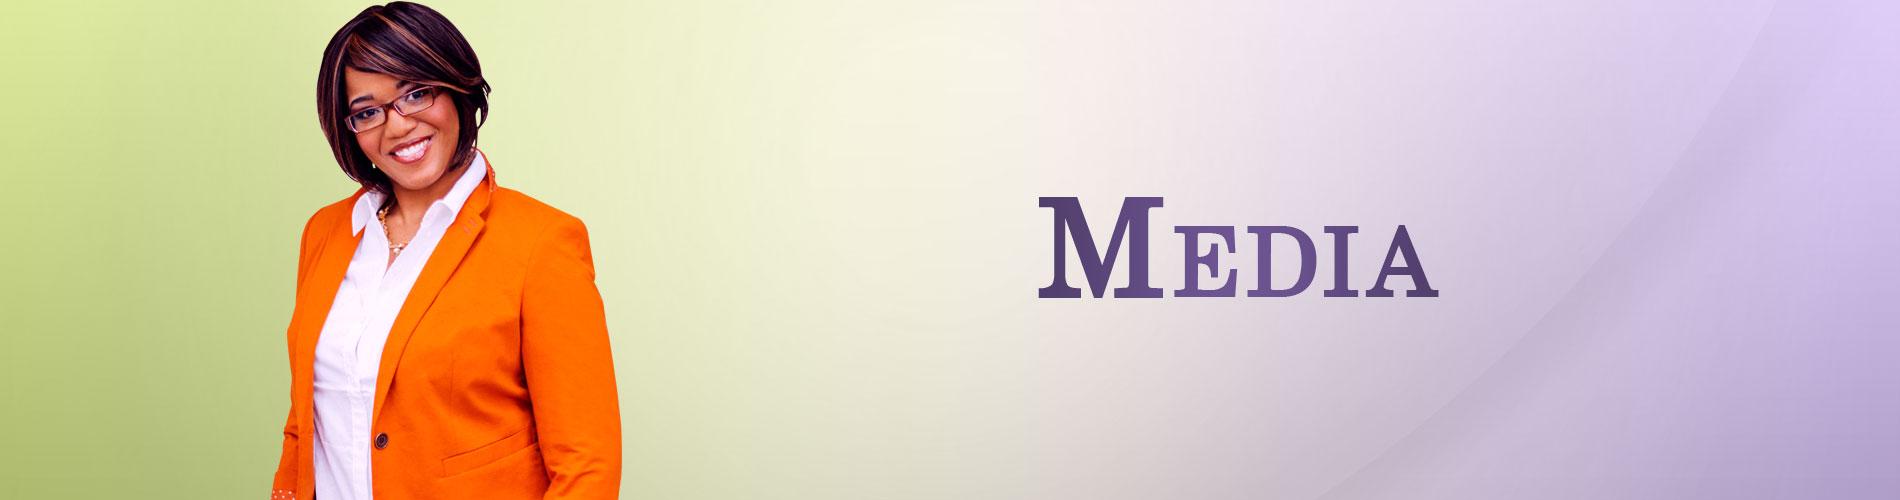 media-3